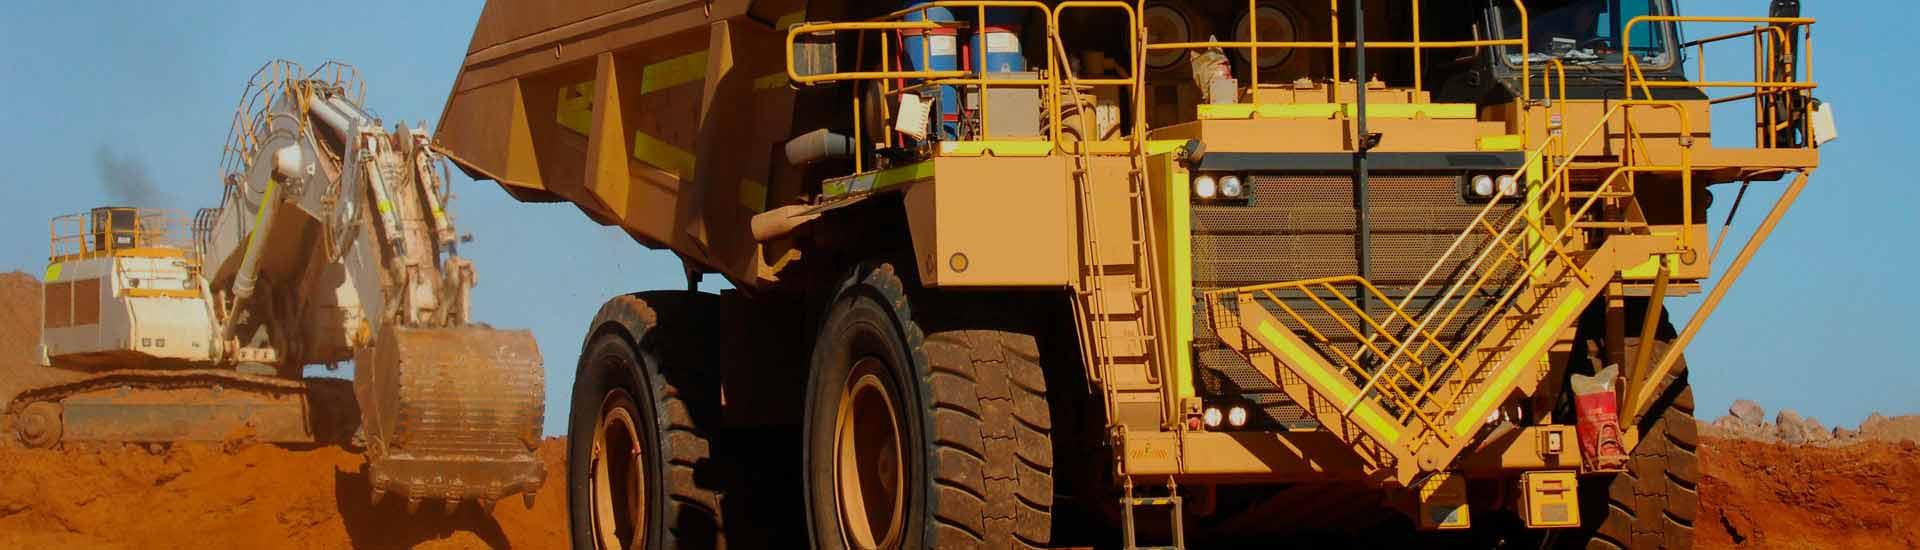 Alisafe Mining